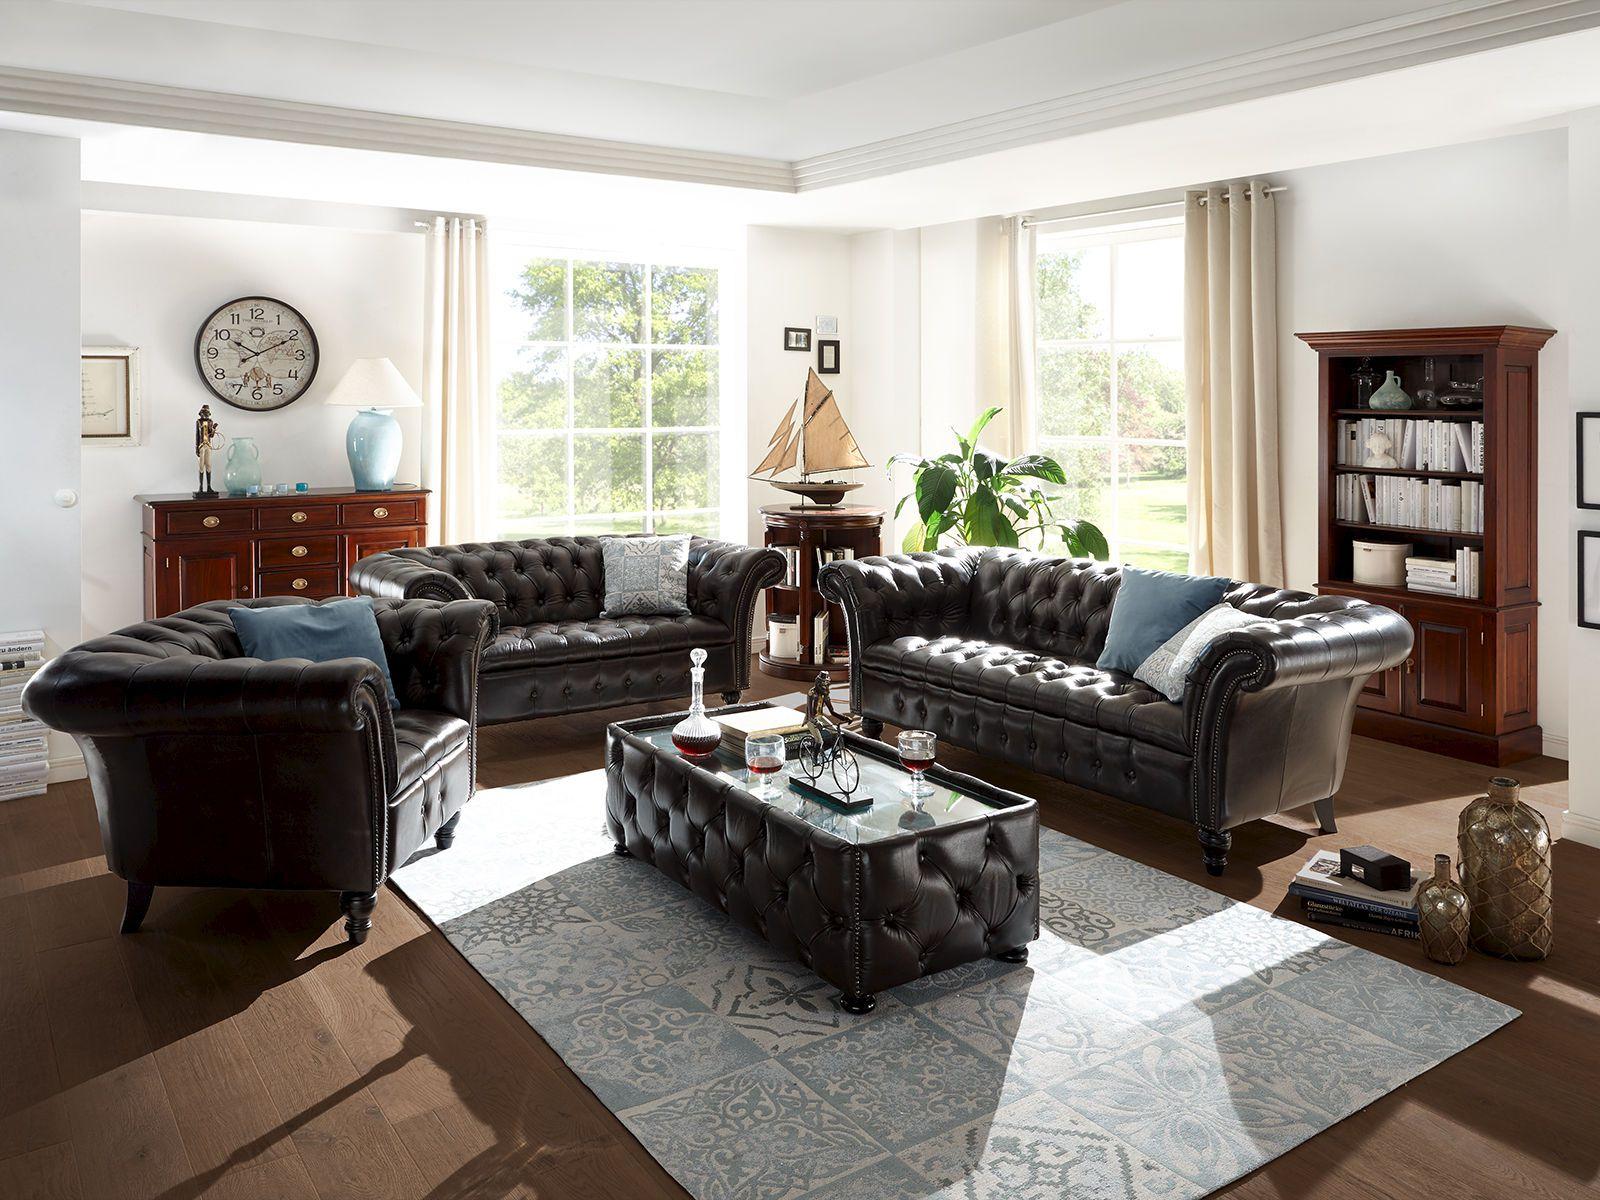 Full Size of Sofa Garnitur Chesterfield Sofagarnitur Ii Braun Massivum 3 Sitzer Grau Günstige Spannbezug Kissen Mit Relaxfunktion Elektrisch überzug Weiß Reiniger Sofa Sofa Garnitur